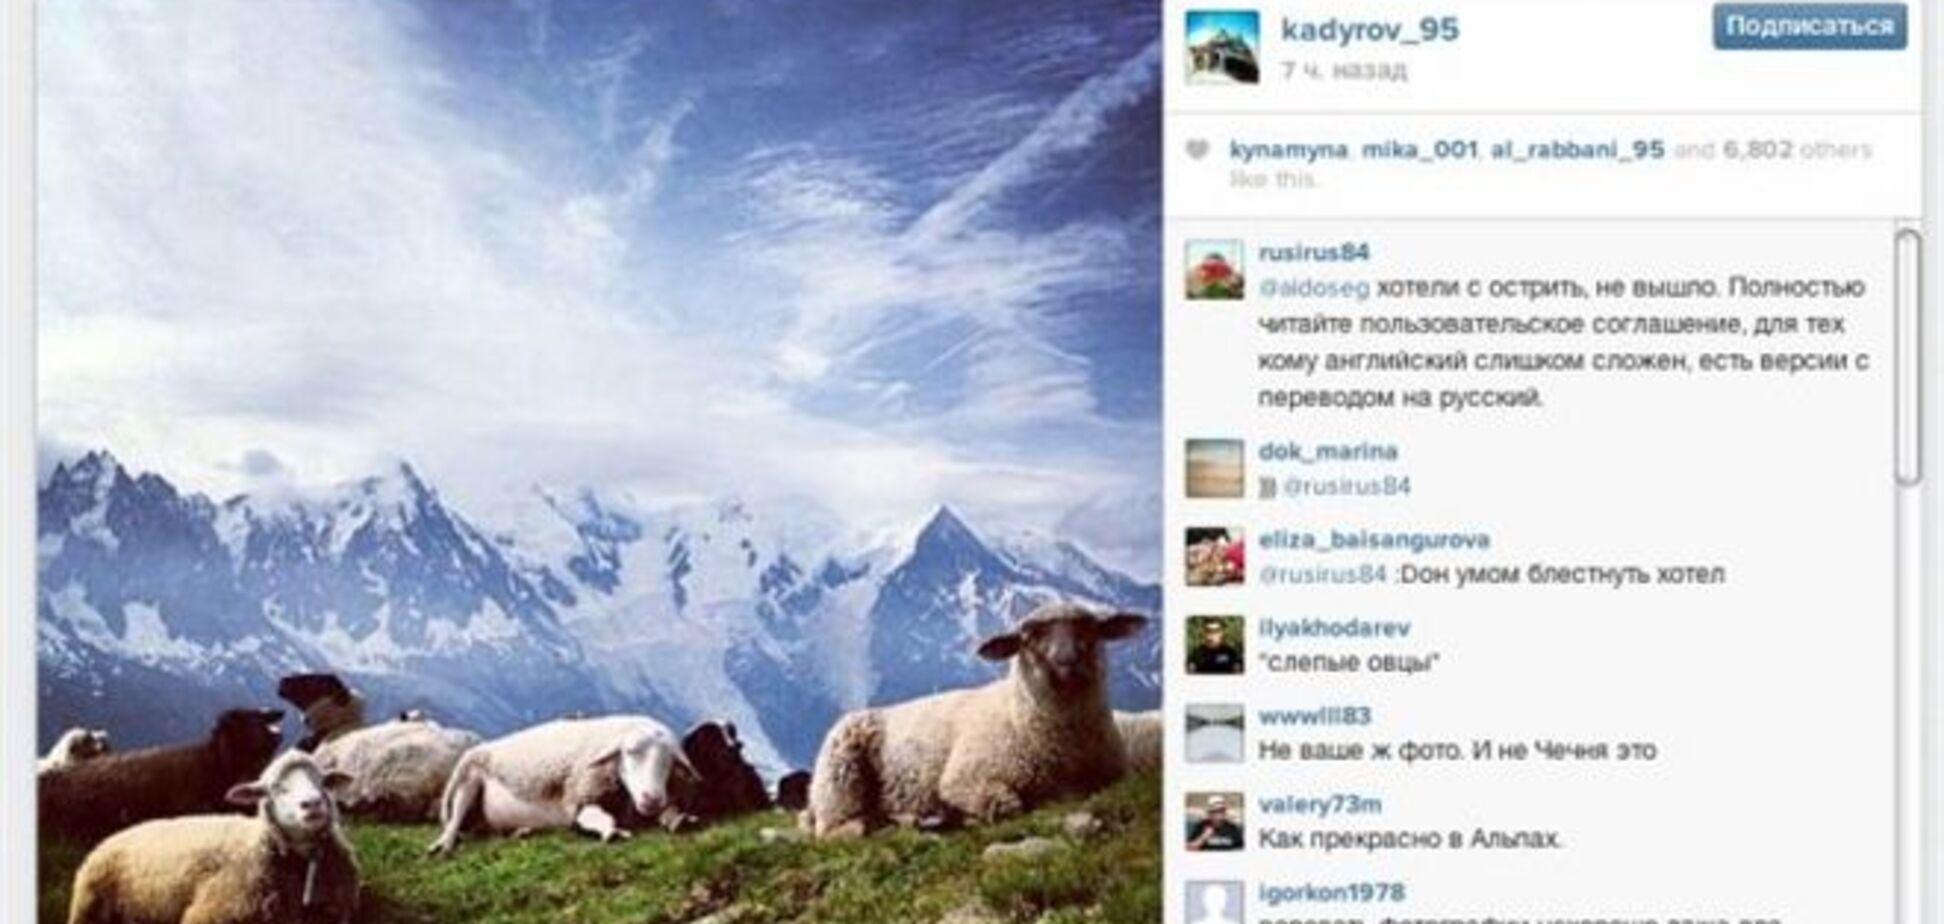 Президент Чечни вляпался в скандал с овцами